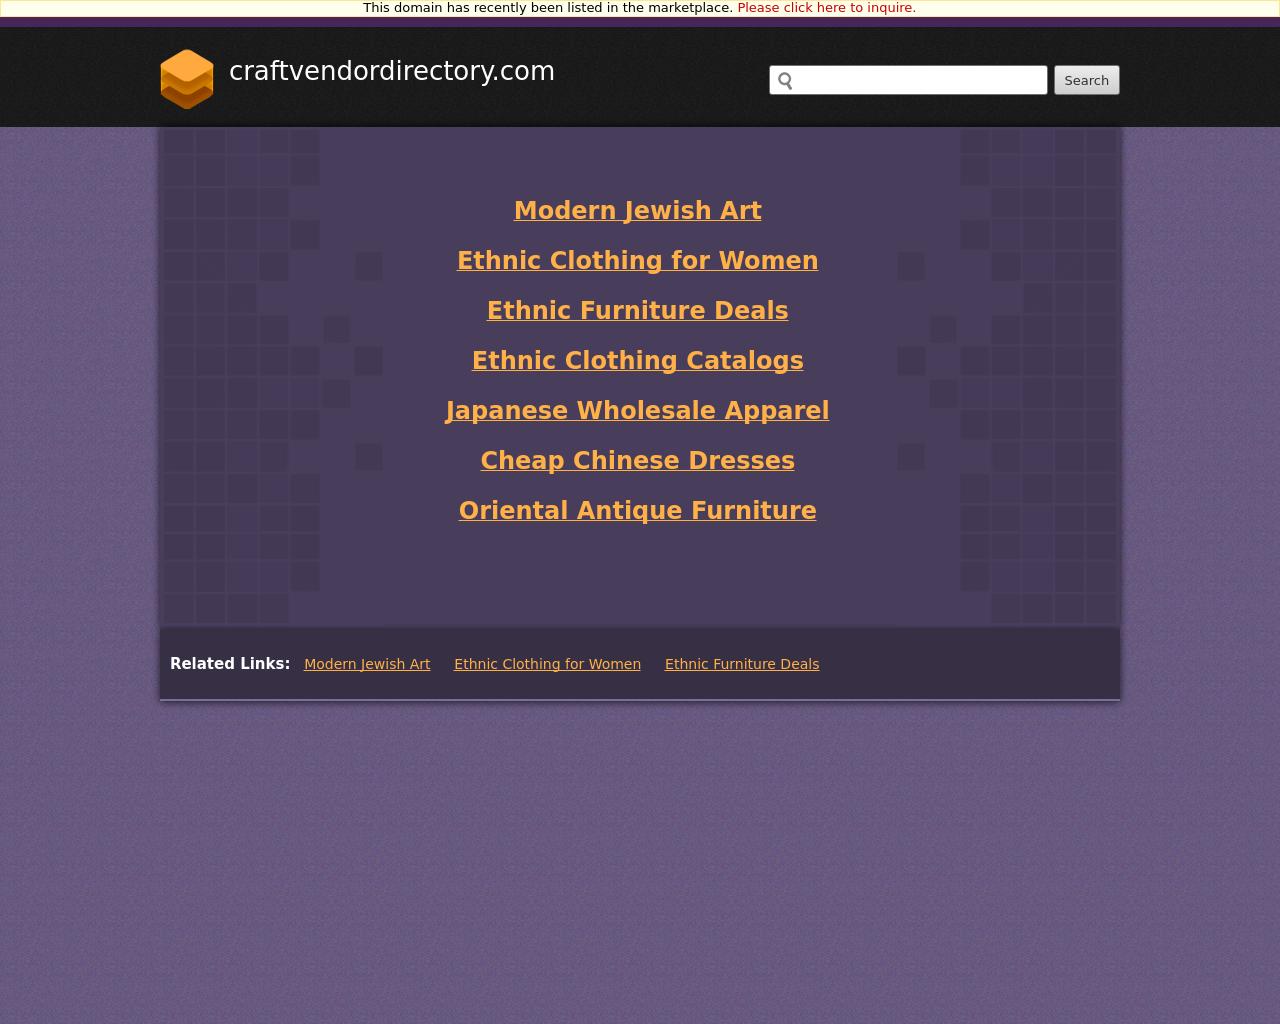 Craftvendordirectory.com-Advertising-Reviews-Pricing